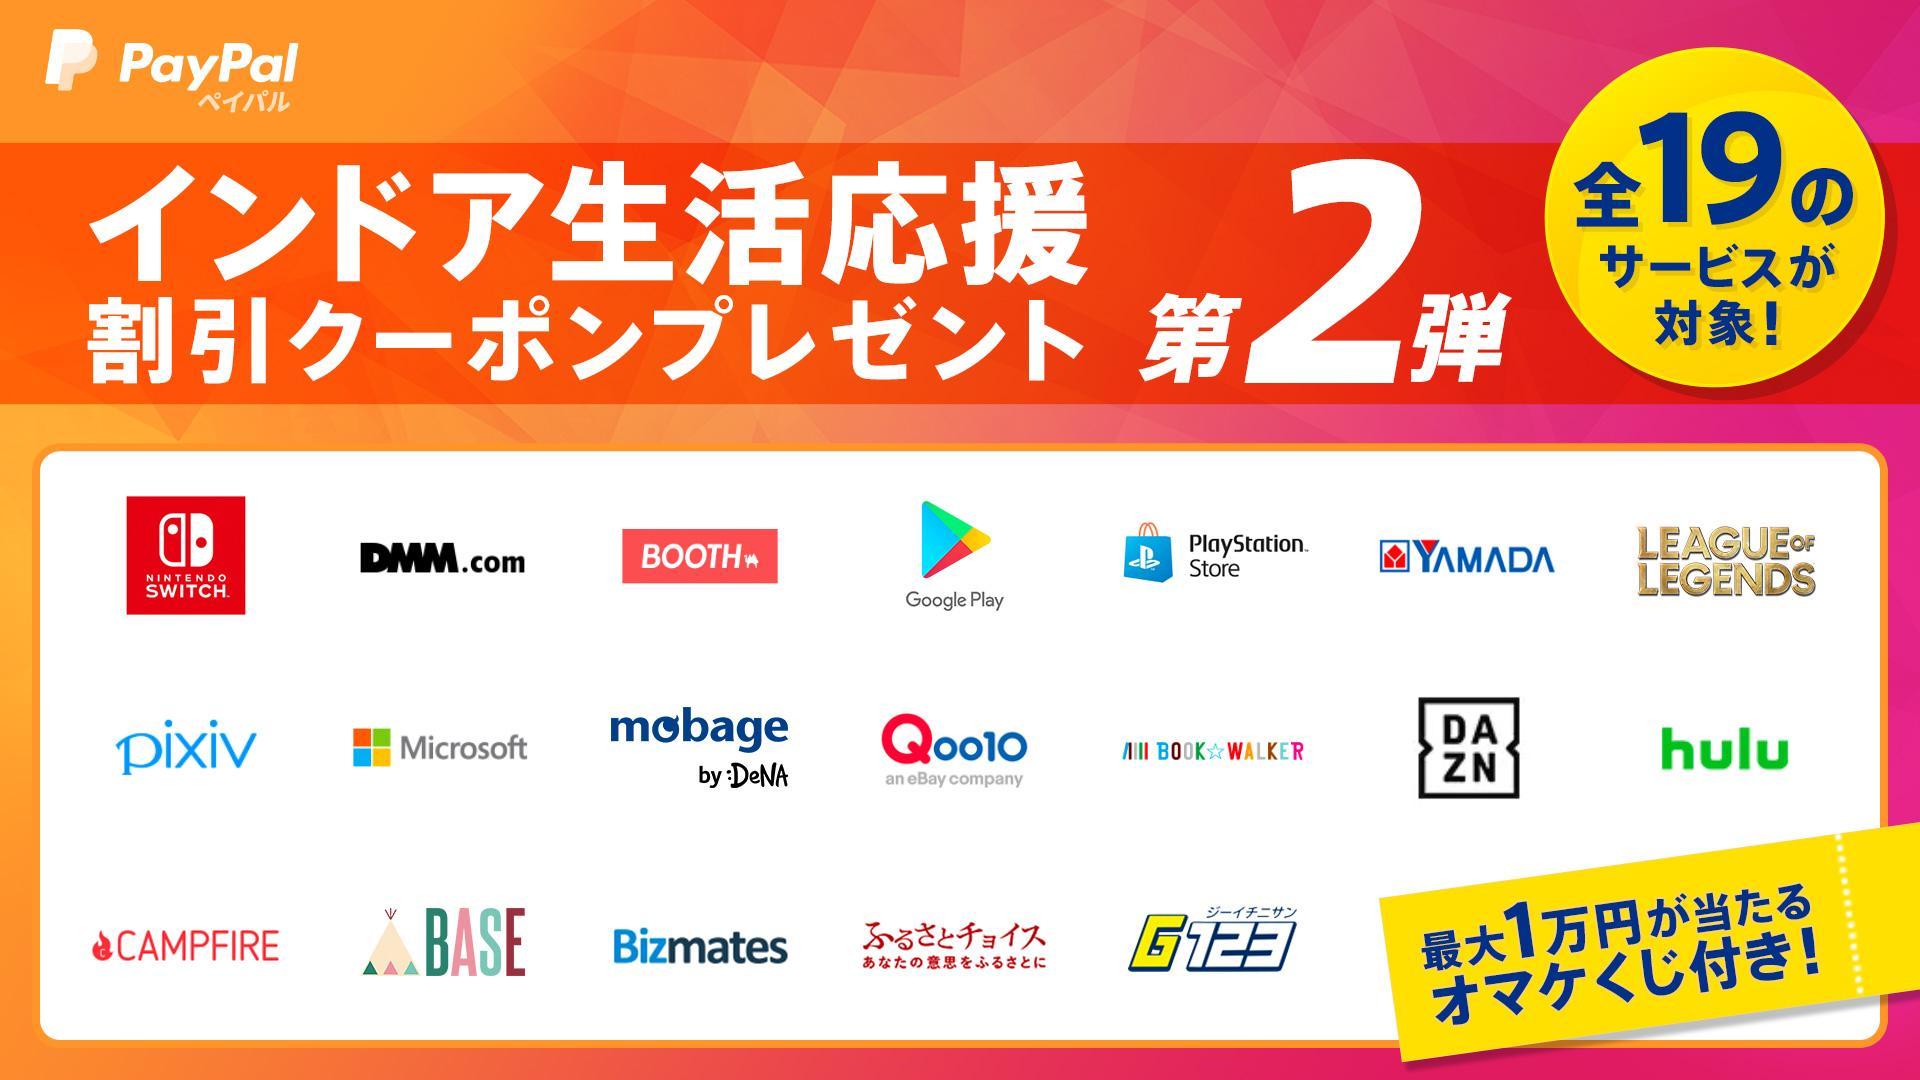 【先着順・数量限定】PyPal、19店舗で使える100円クーポン最大1万円くじ付きキャンペーン